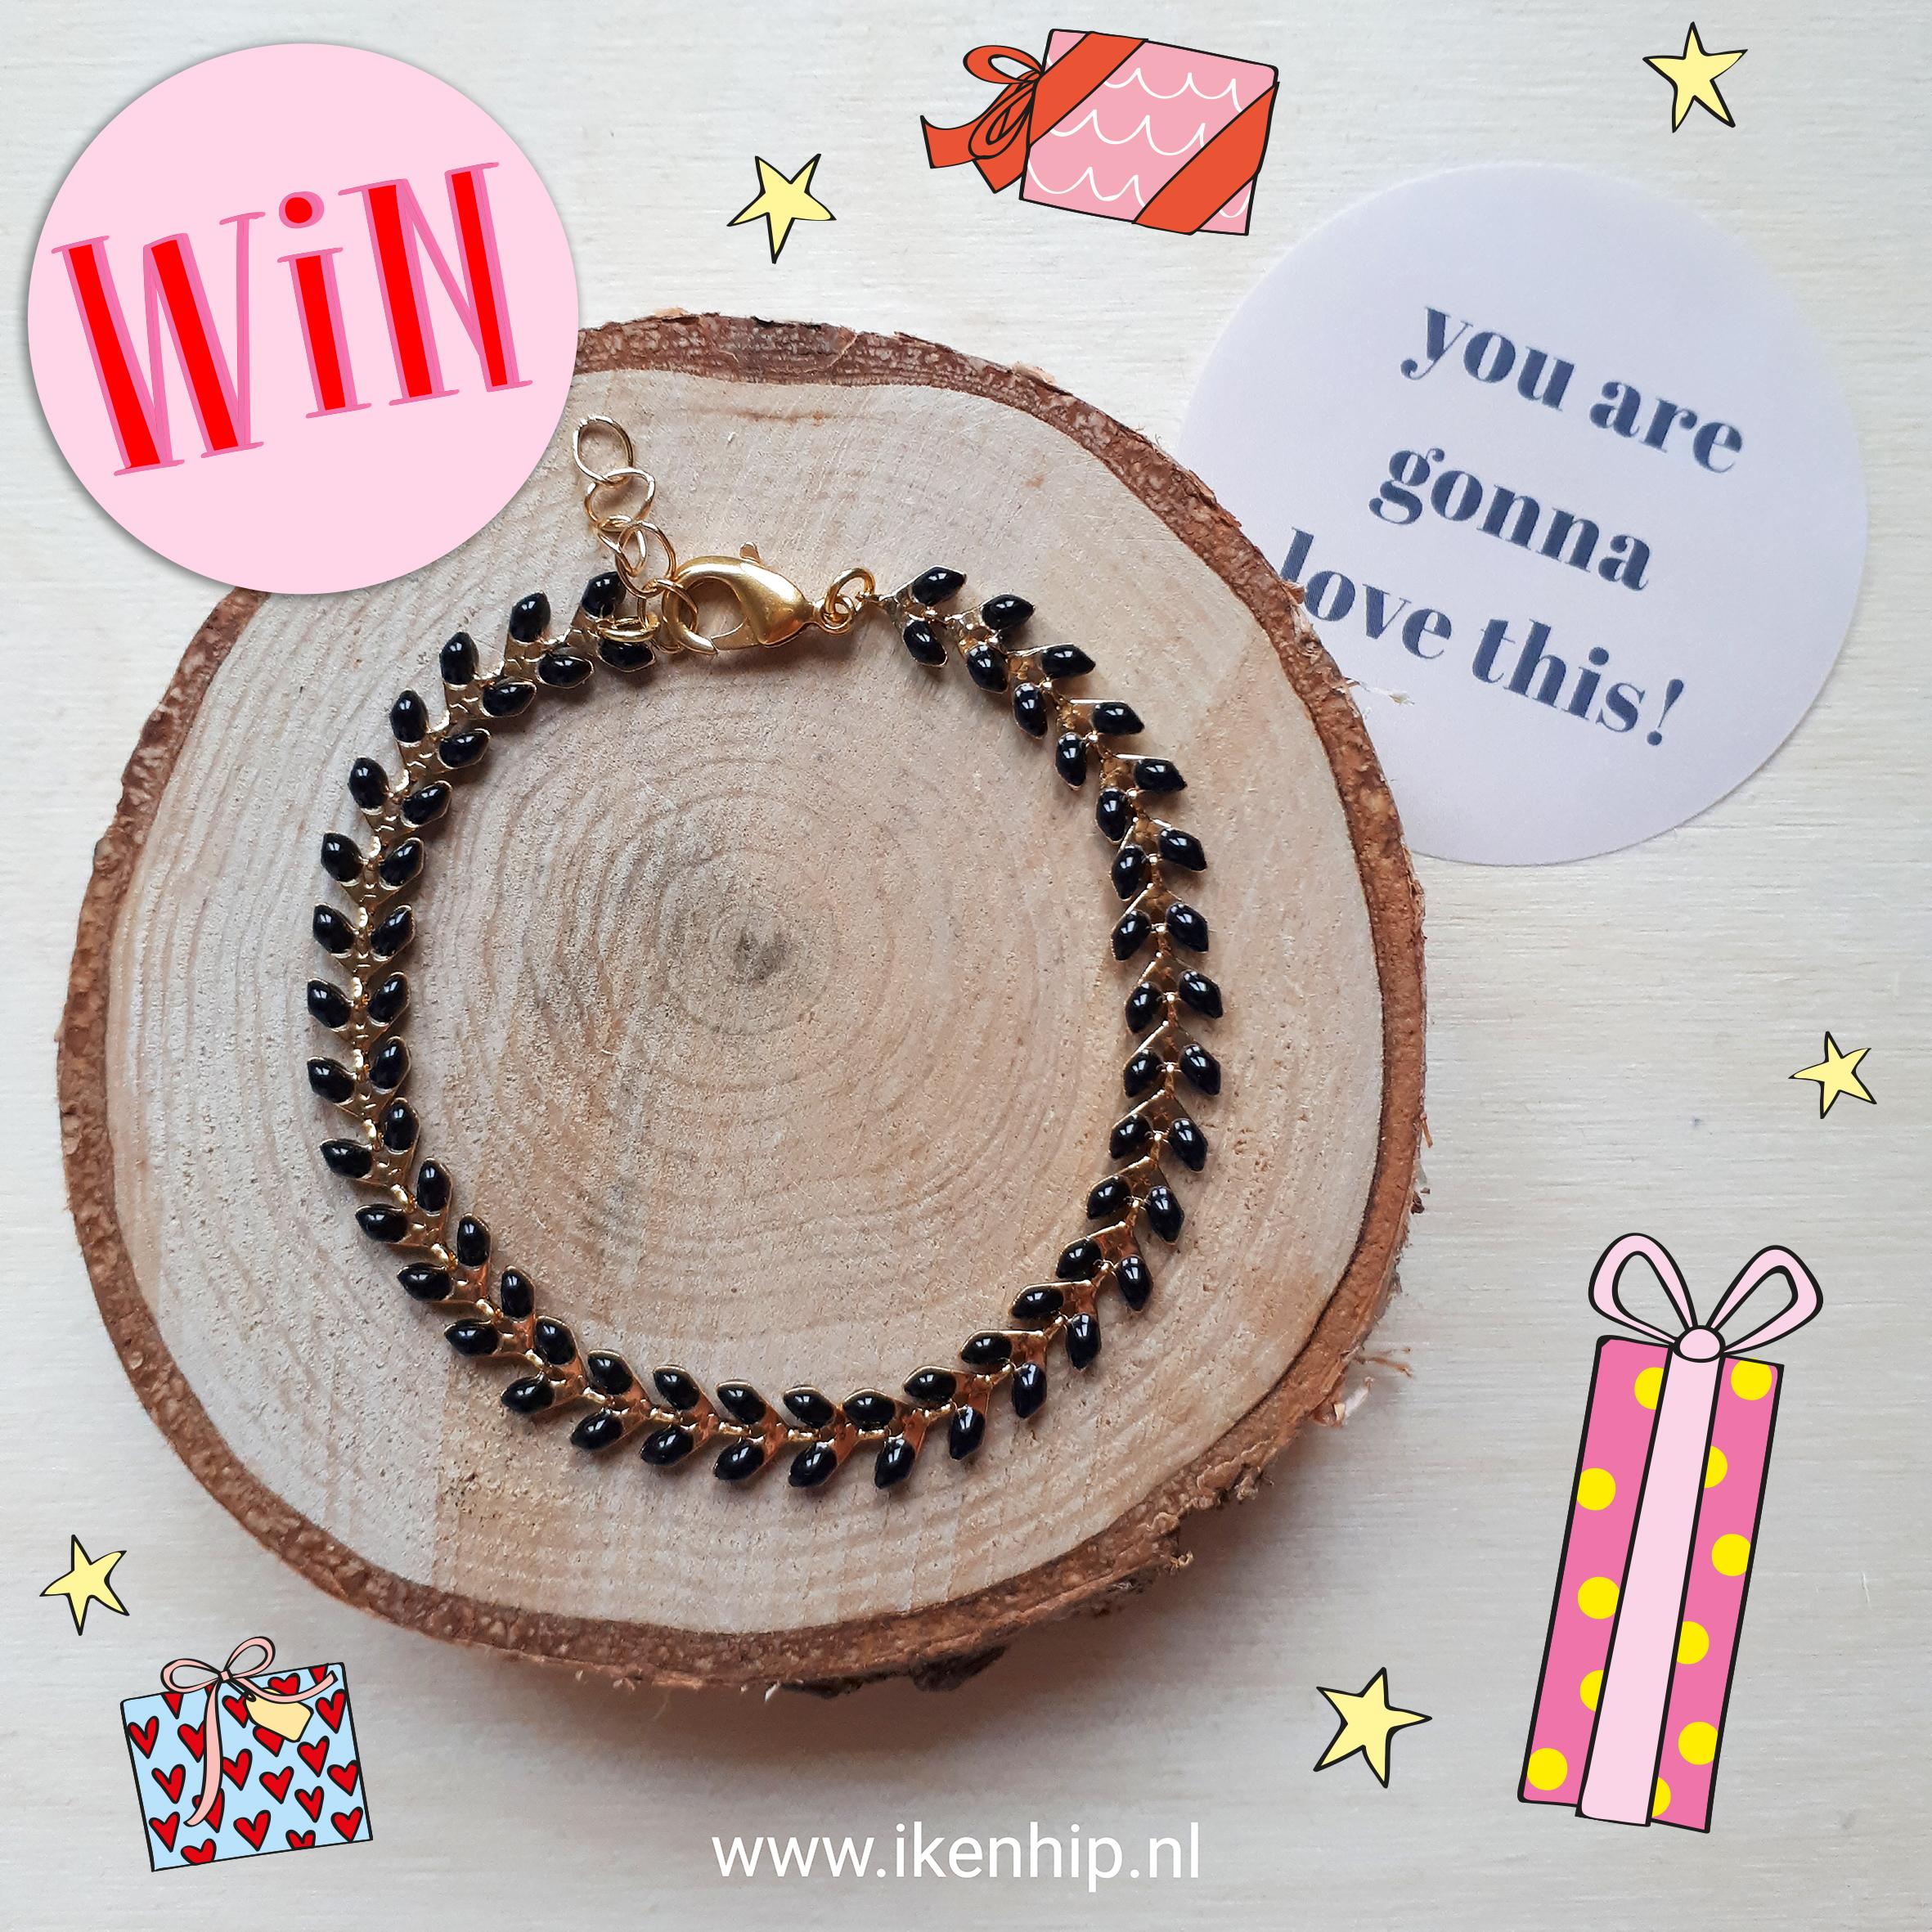 Win een emaille blaadjes armband van Ik&Hip!